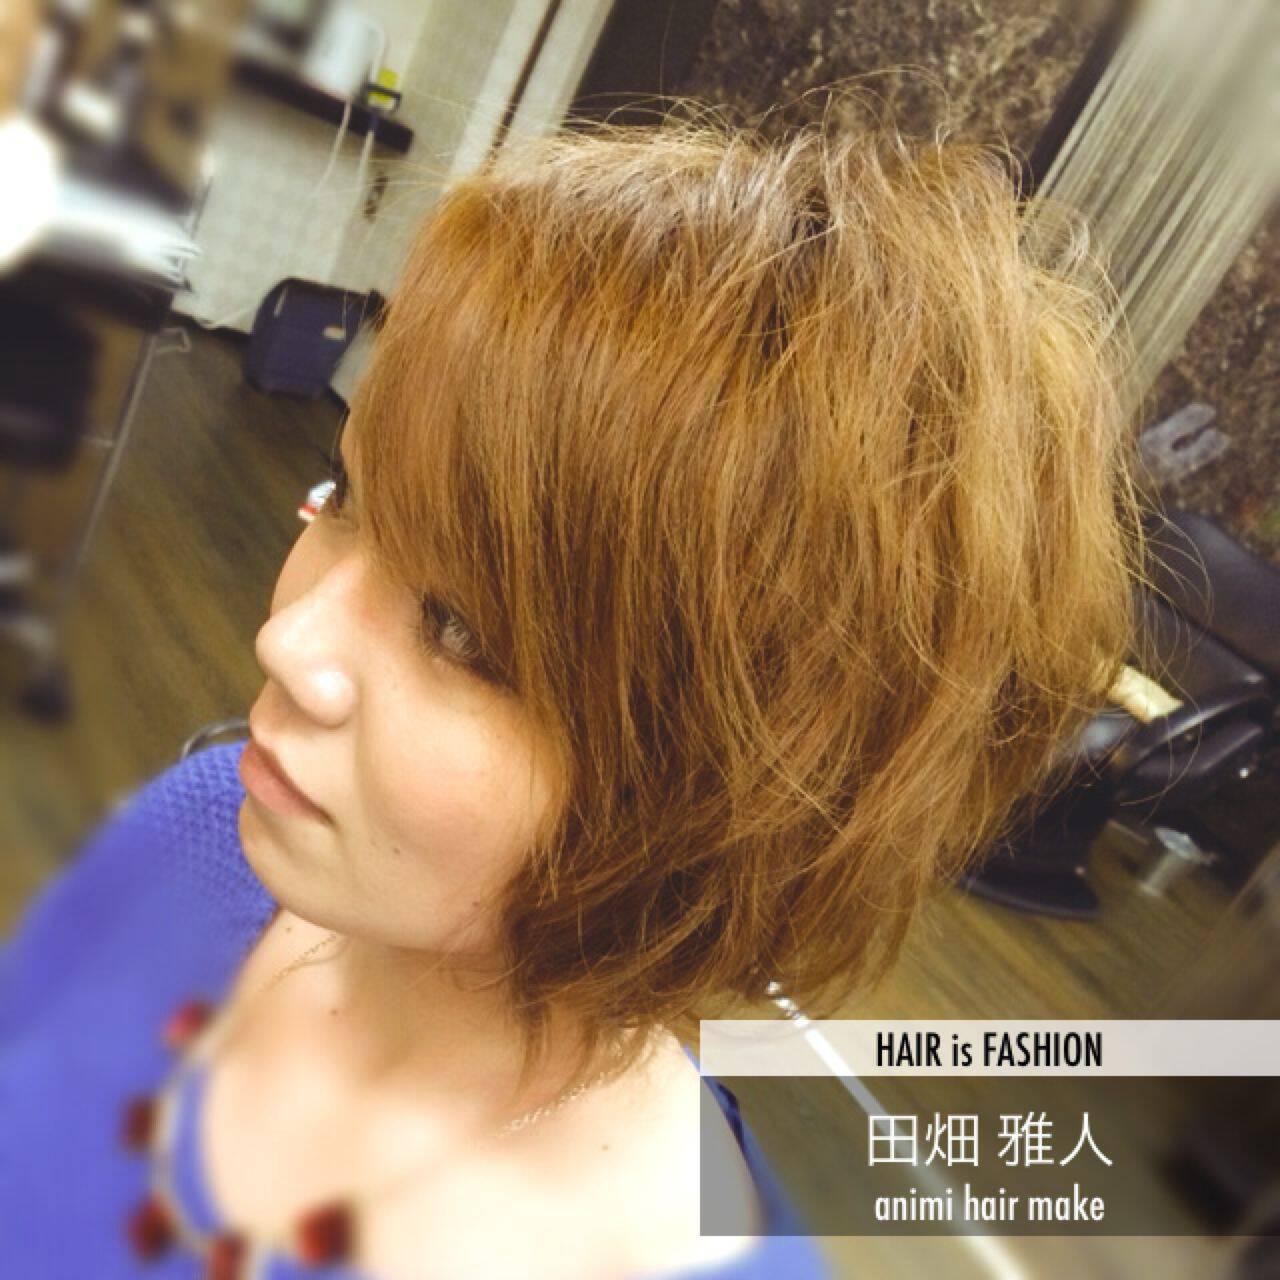 丸顔 ボブ パーマ ストリートヘアスタイルや髪型の写真・画像